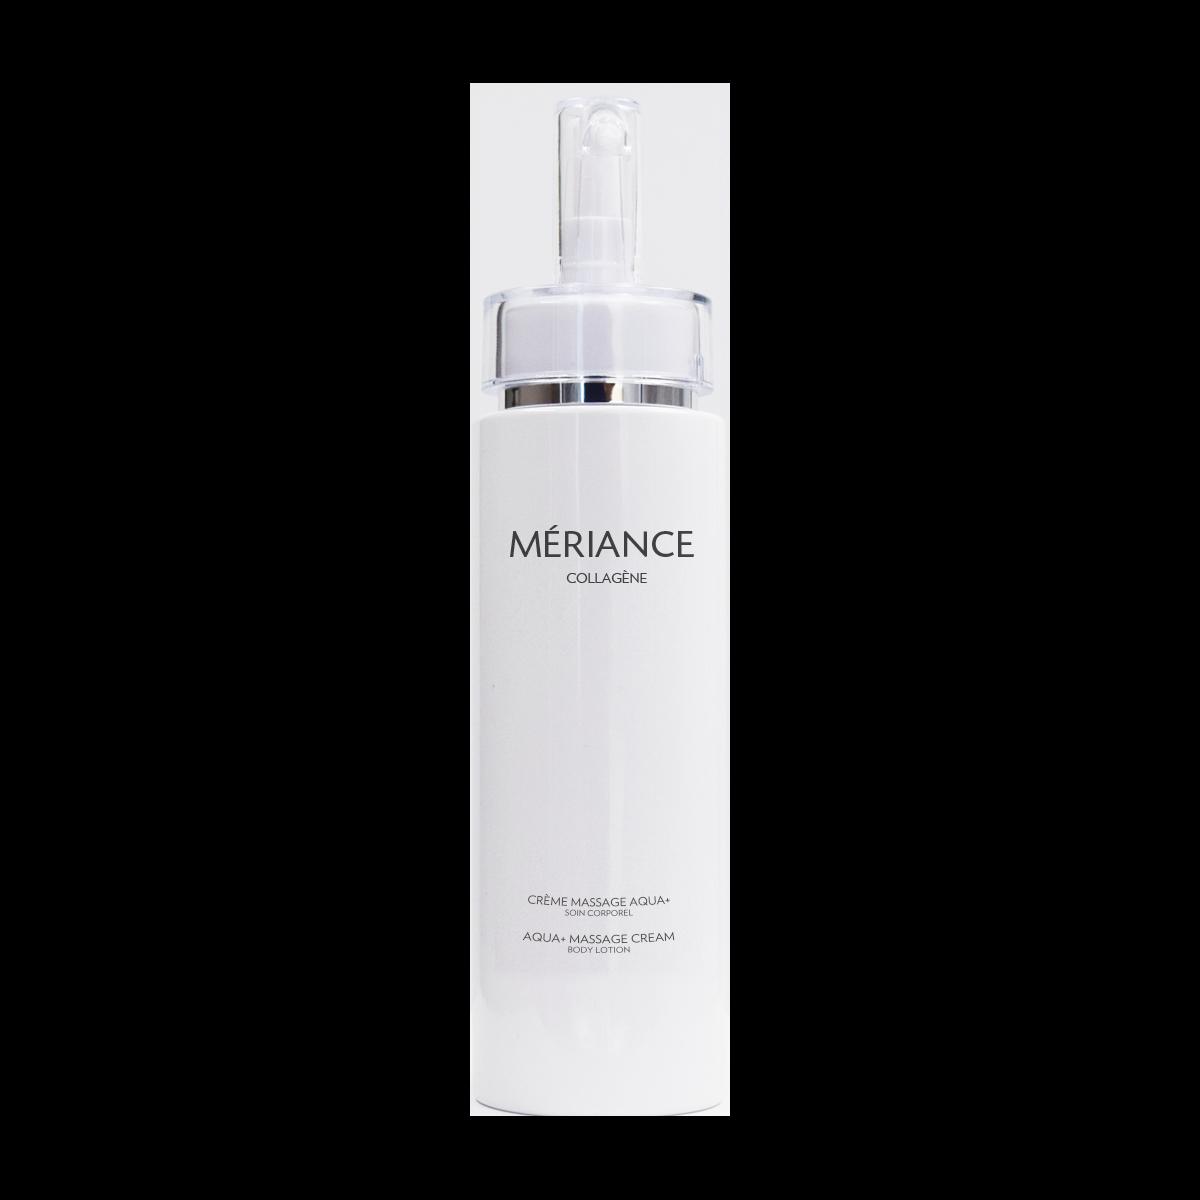 Crème Massage Aqua+